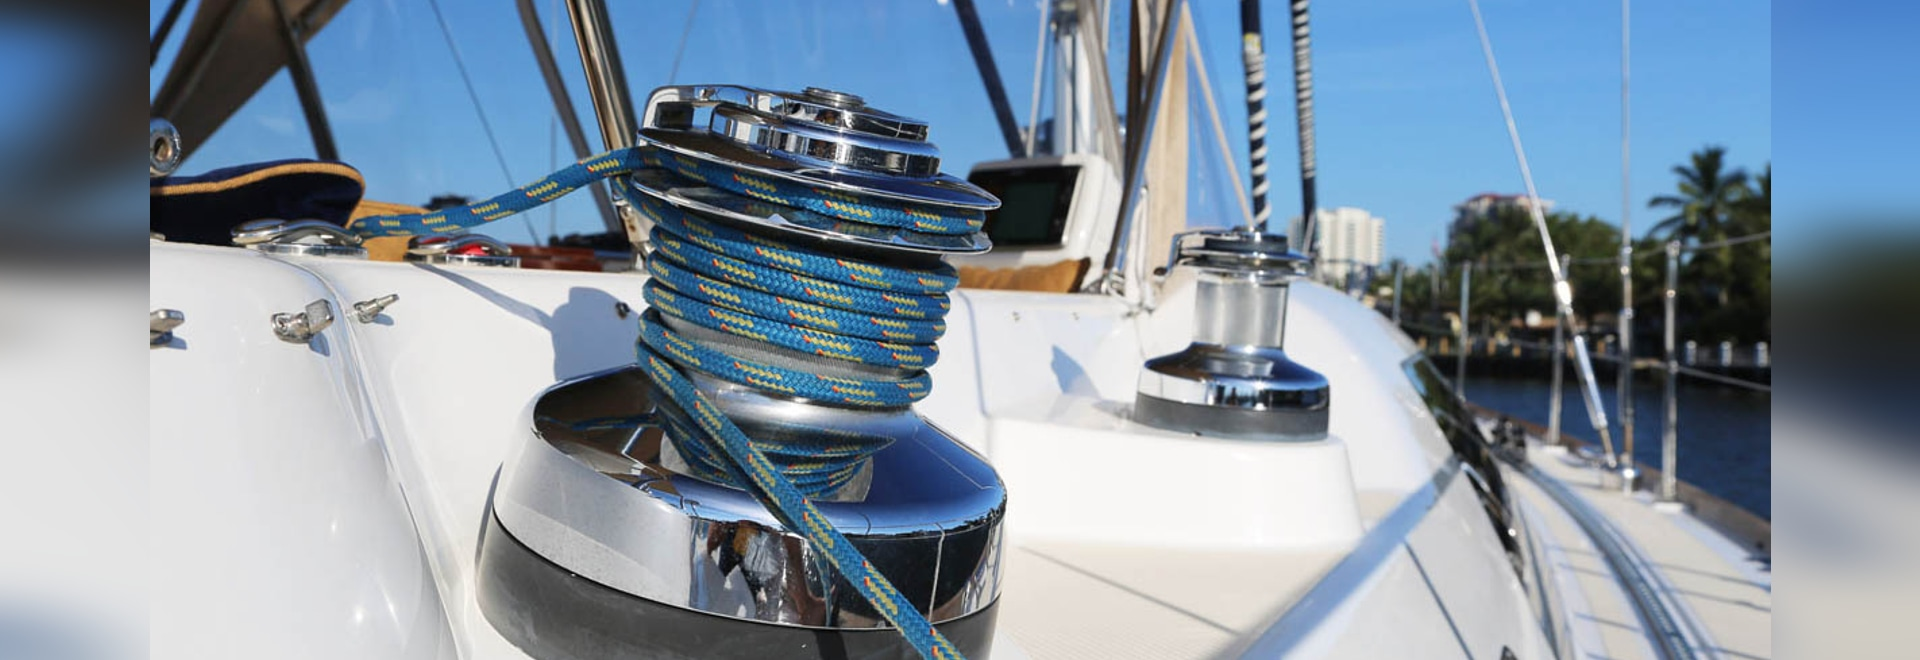 Como proteger el Winch de la embarcación